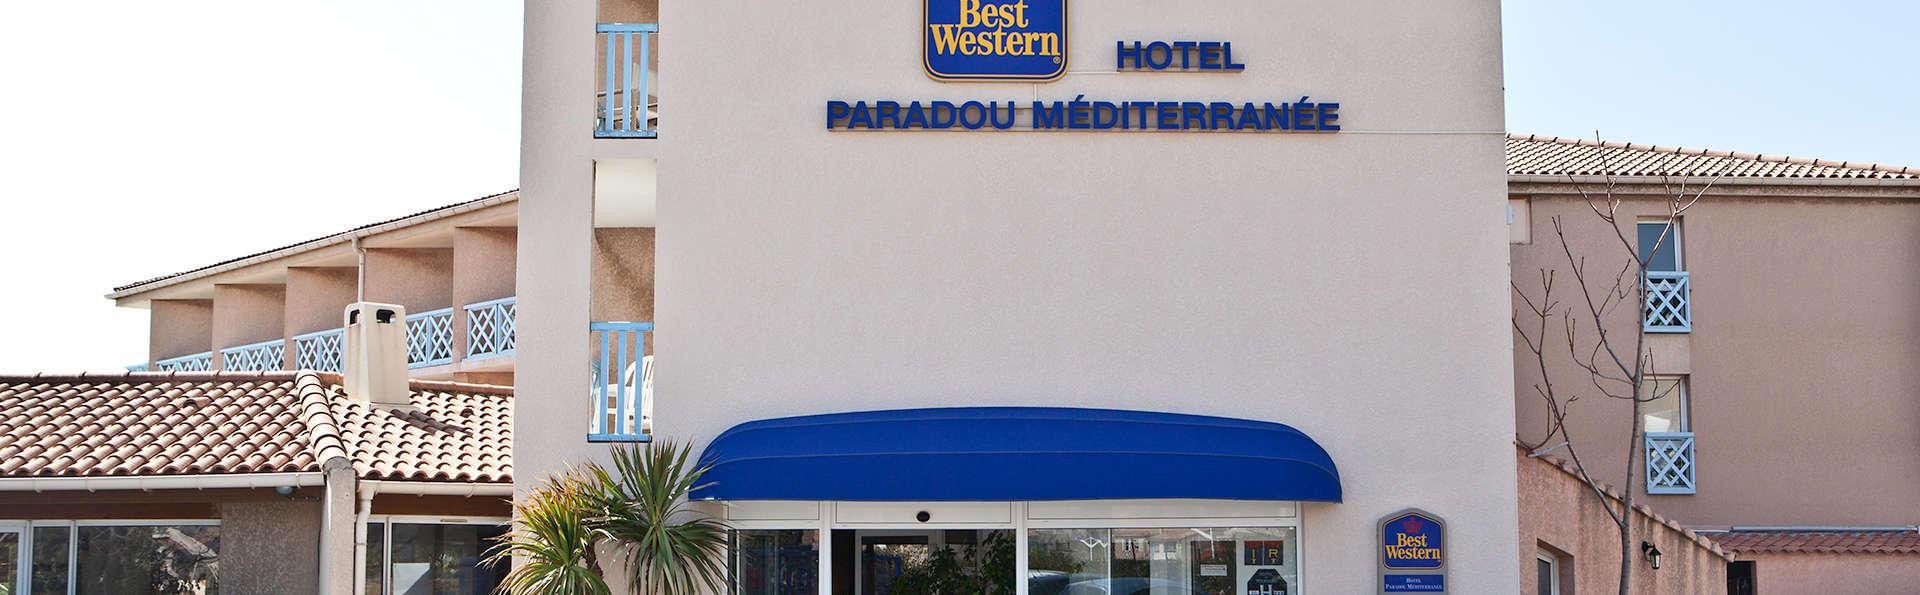 Best Western Paradou M 233 Diterran 233 E 3 Sausset Les Pins